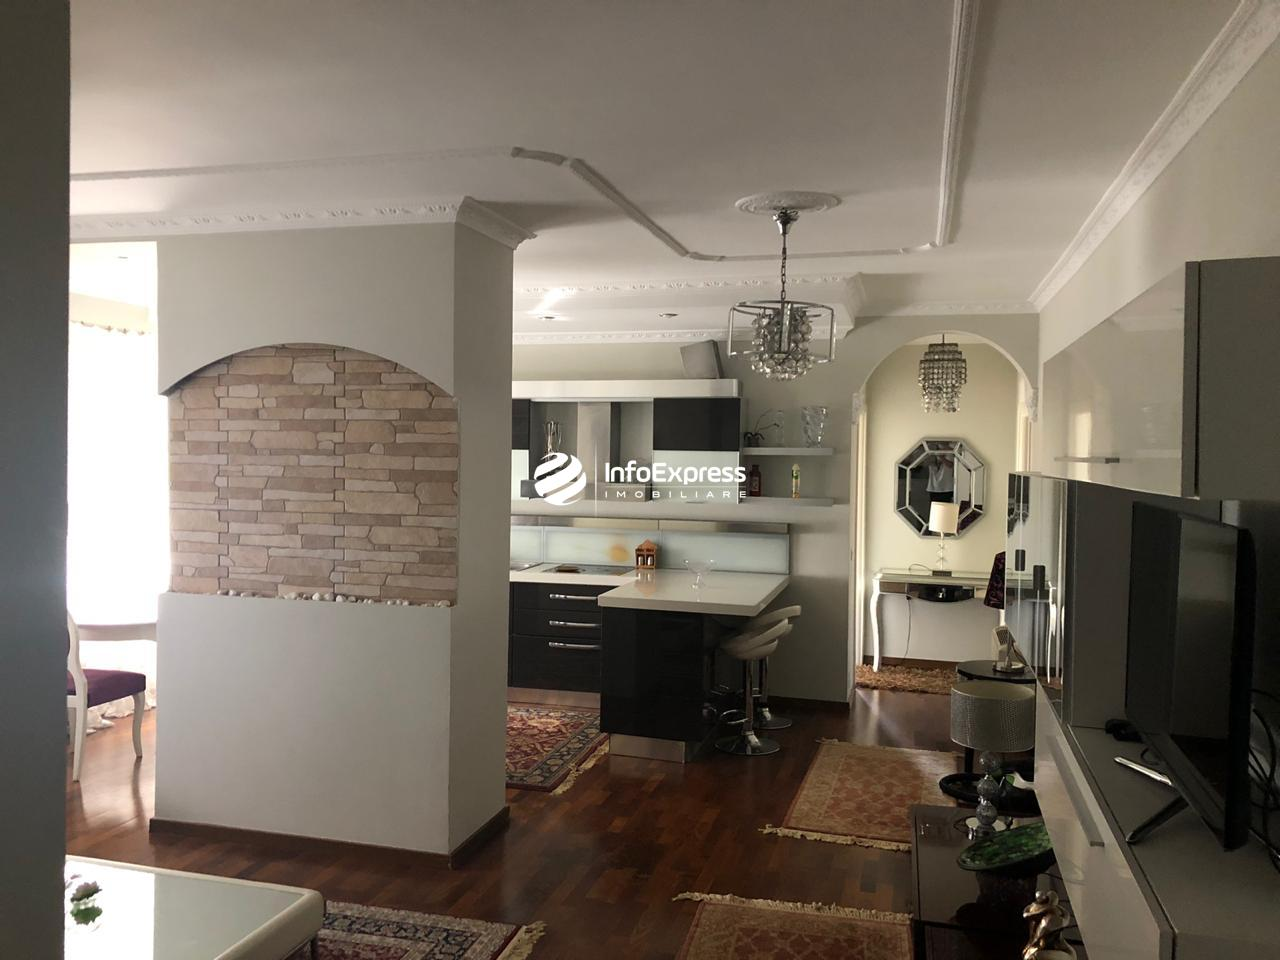 TRR-0419-1503 Jepet me qera apartament 2+1 ndodhet Perballe Toptanit,rruga George W Bush.